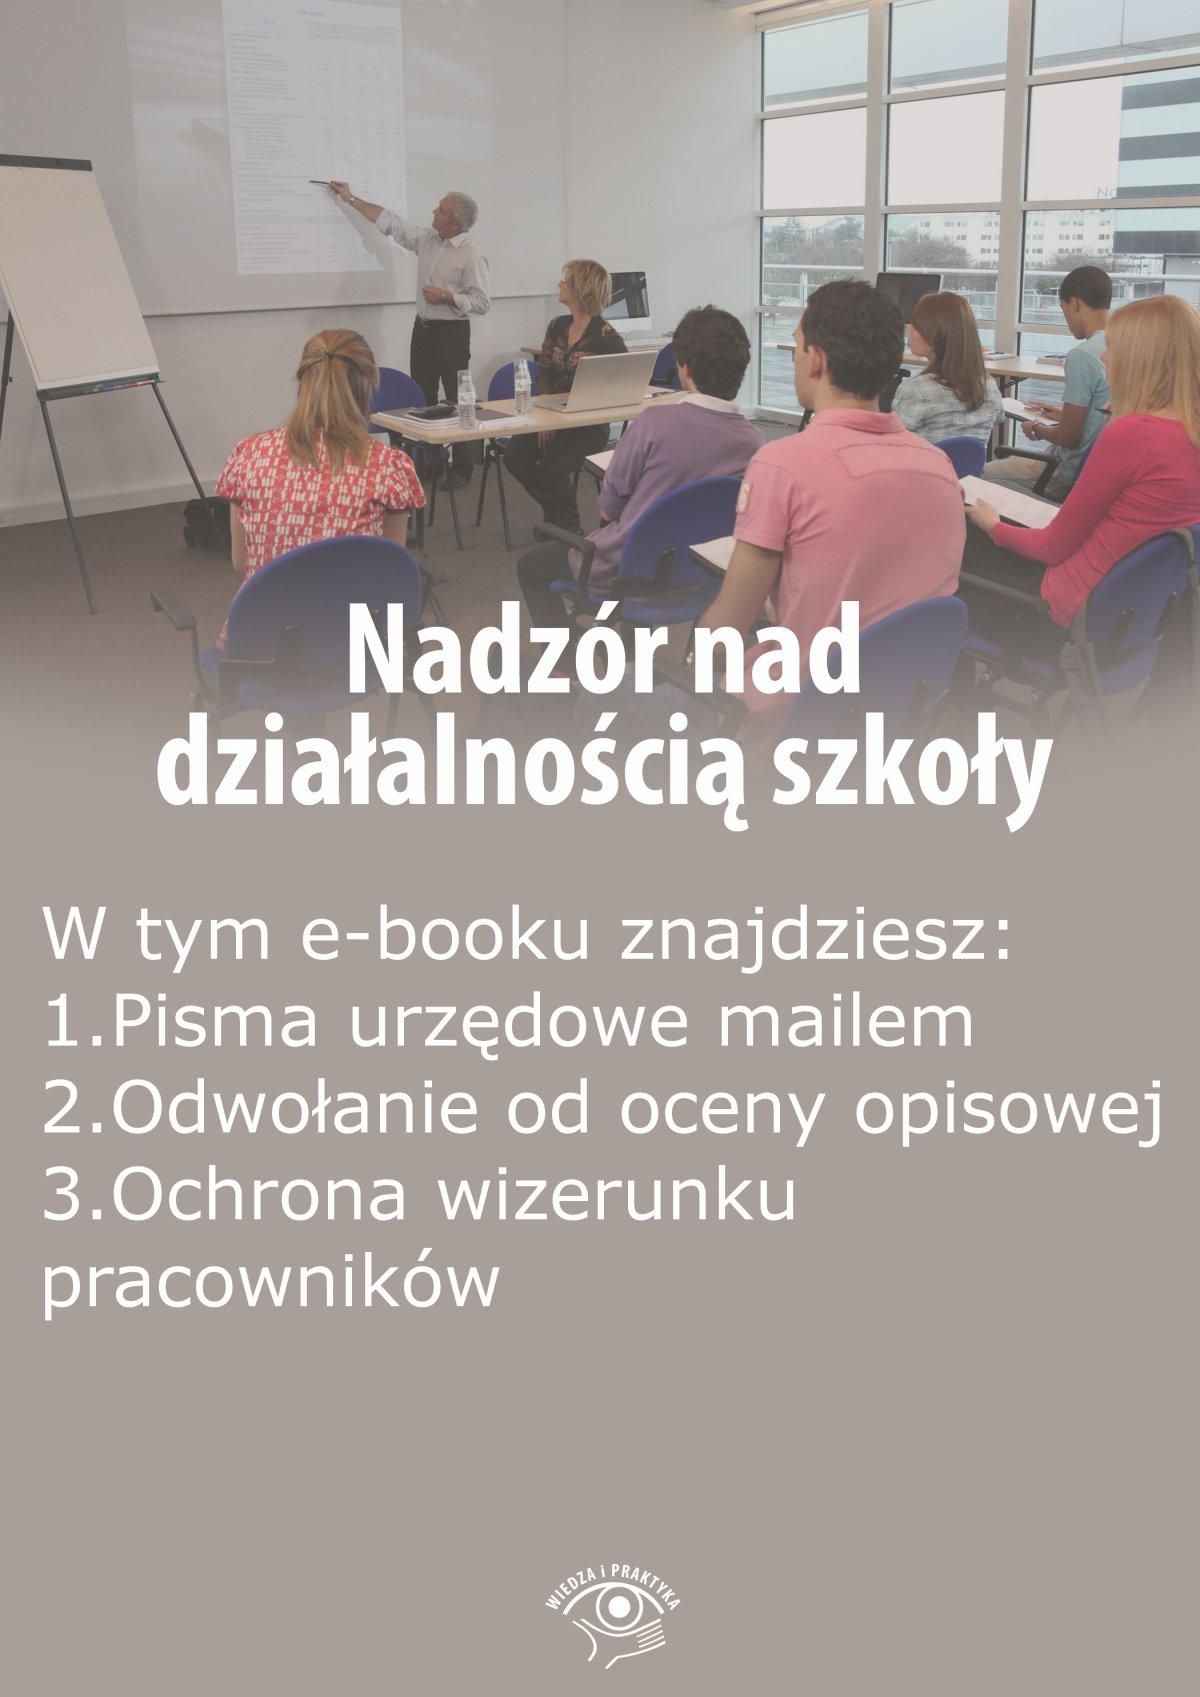 Nadzór nad działalnością szkoły, wydanie wrzesień-październik 2015 r. - Ebook (Książka EPUB) do pobrania w formacie EPUB